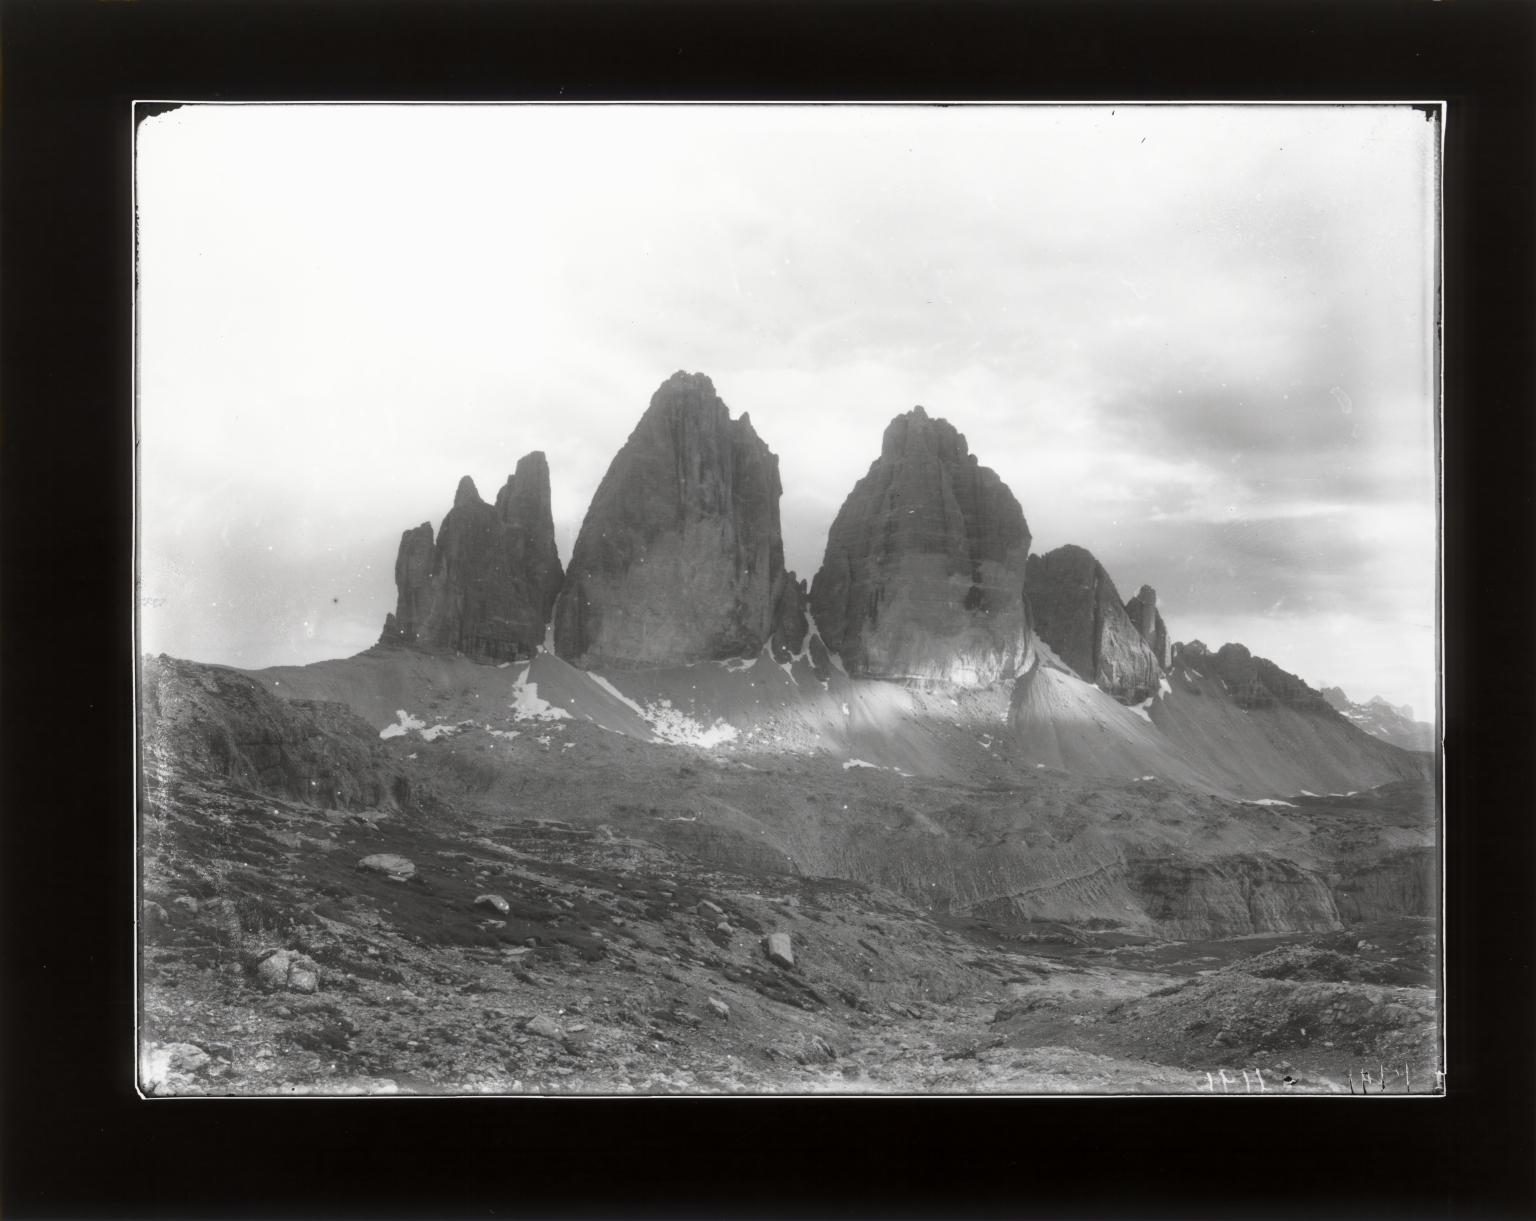 Tre Cime di Lavaredo (Drei Zinnen), Veneto, Italy